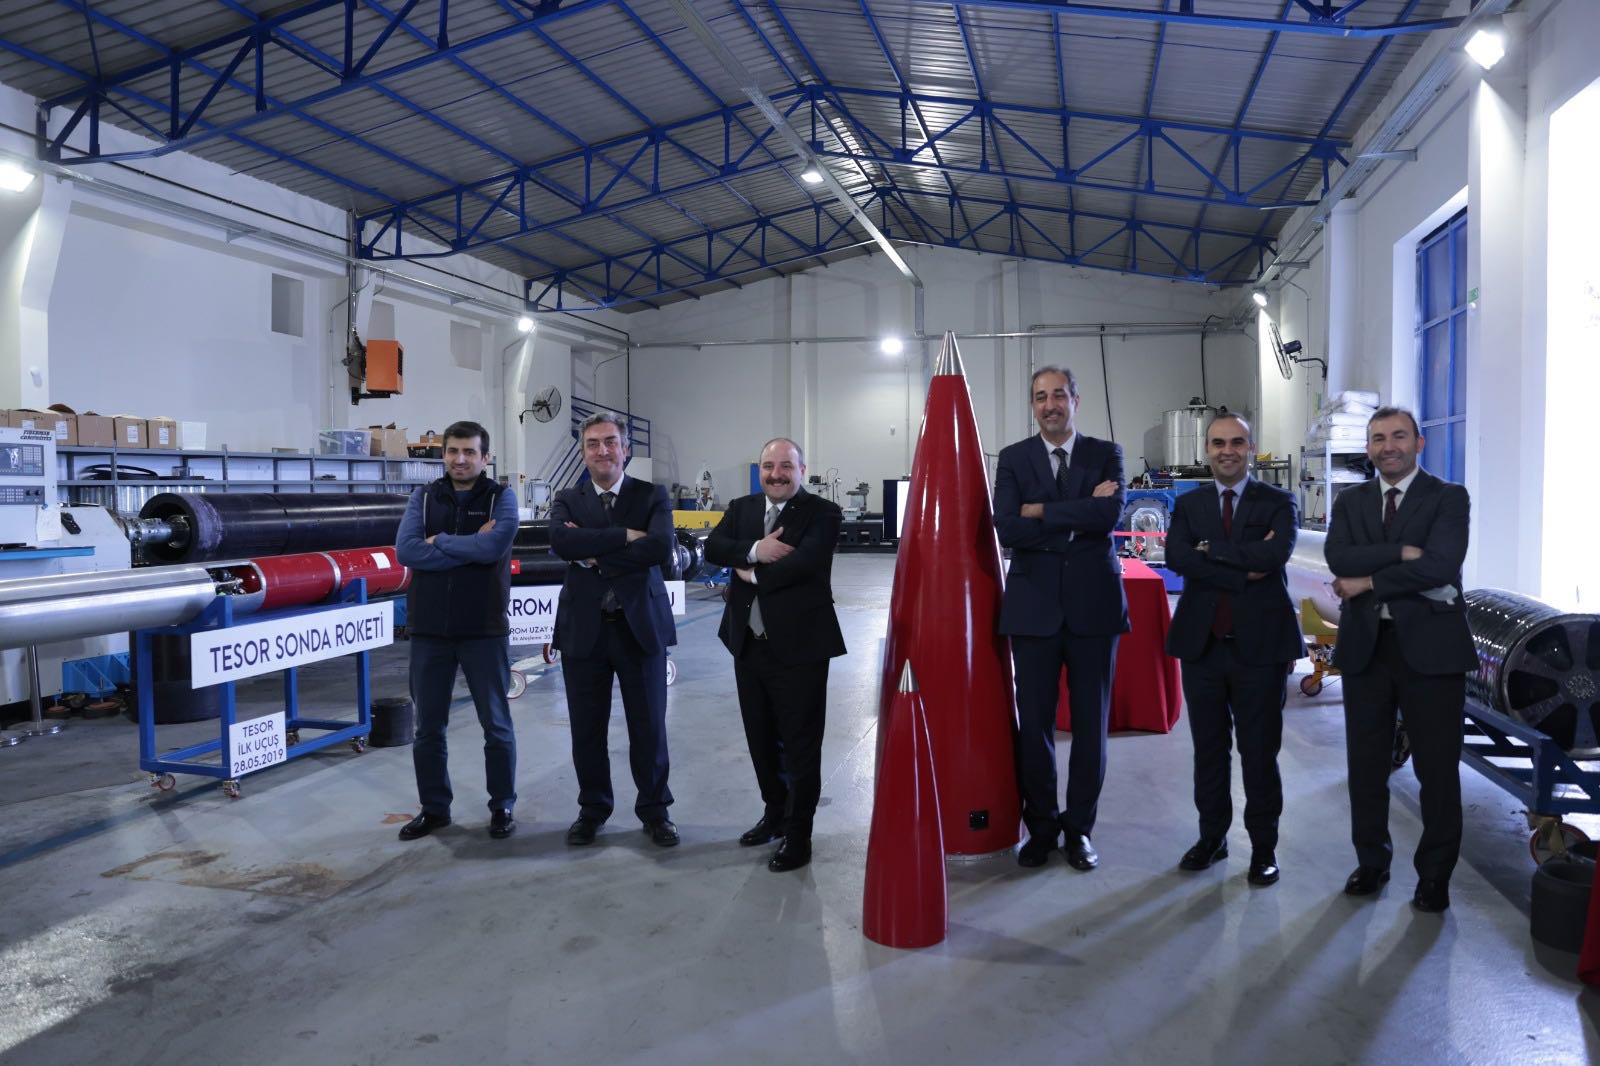 Milli ve Yerli Teknoloji Hibrit Motorlu Roket Pendik'te Üretiliyor